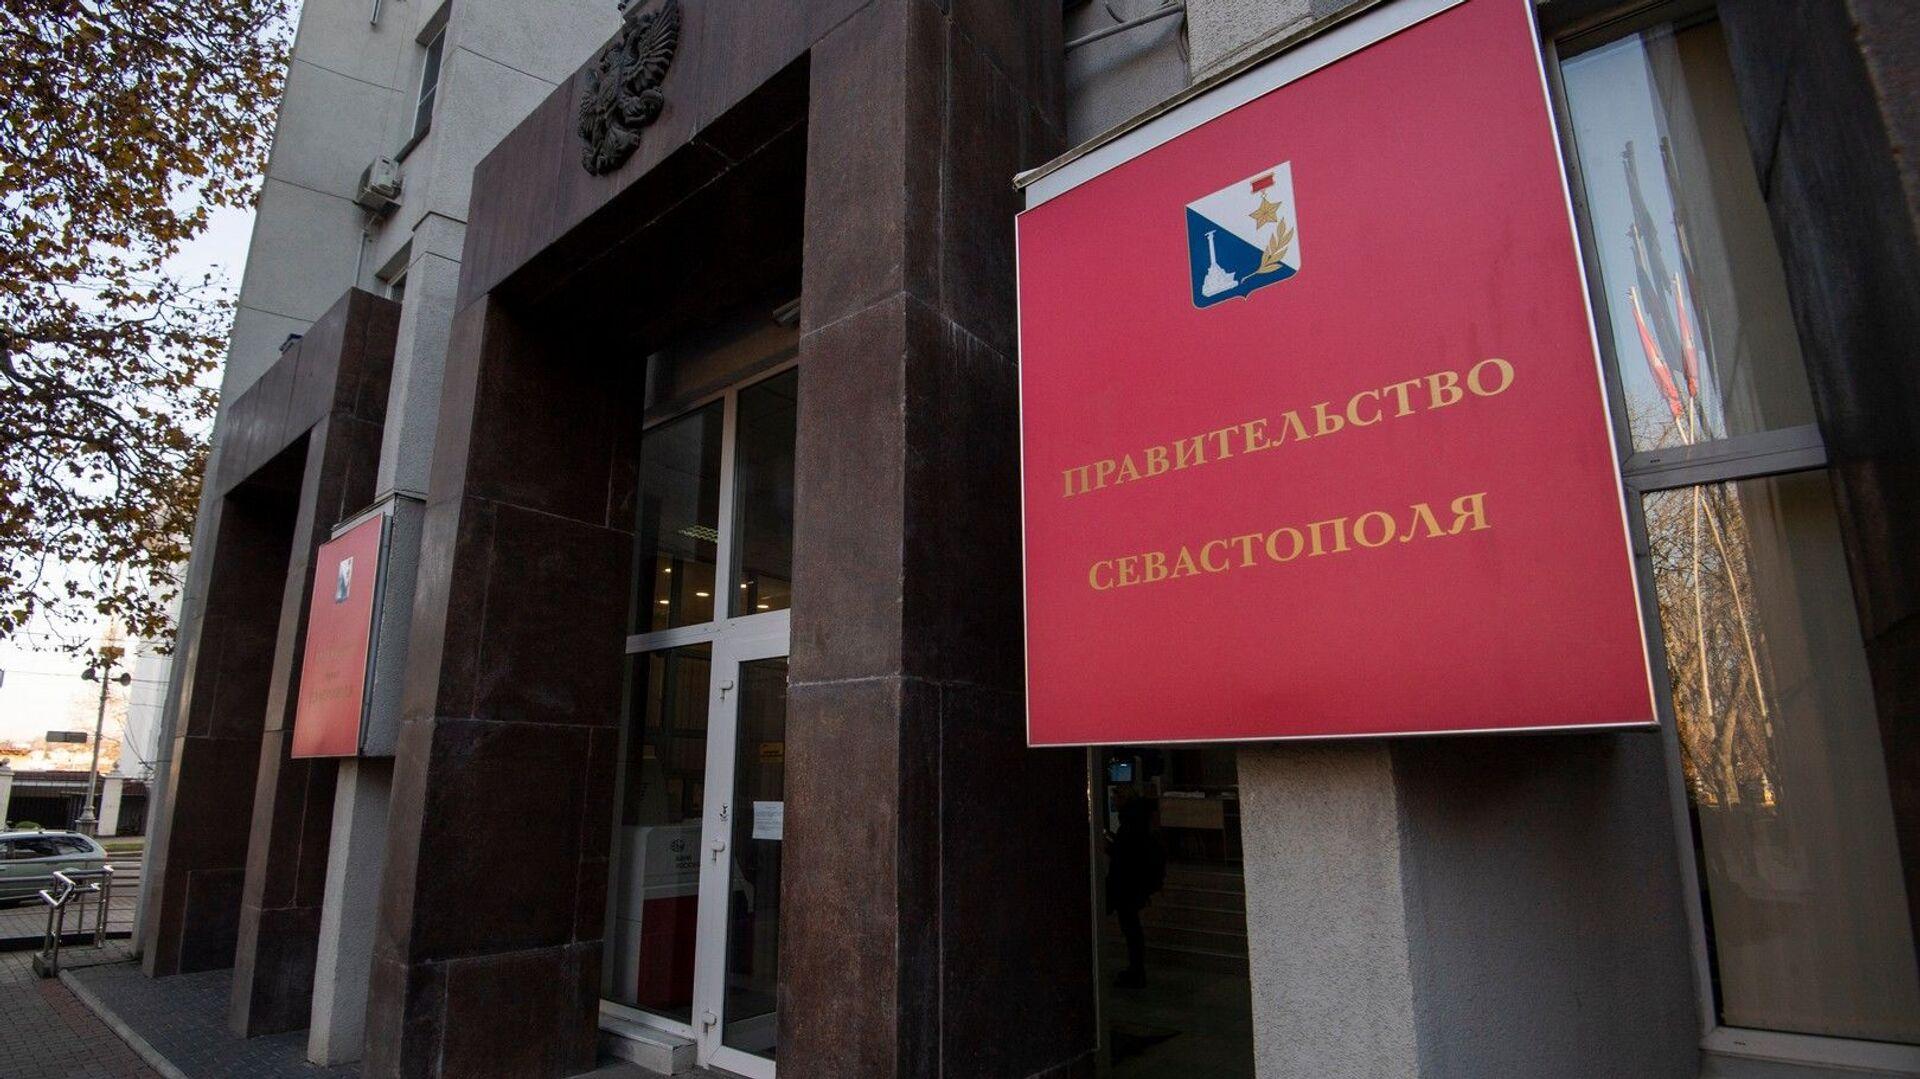 Здание правительства Севастополя  - РИА Новости, 1920, 21.09.2021